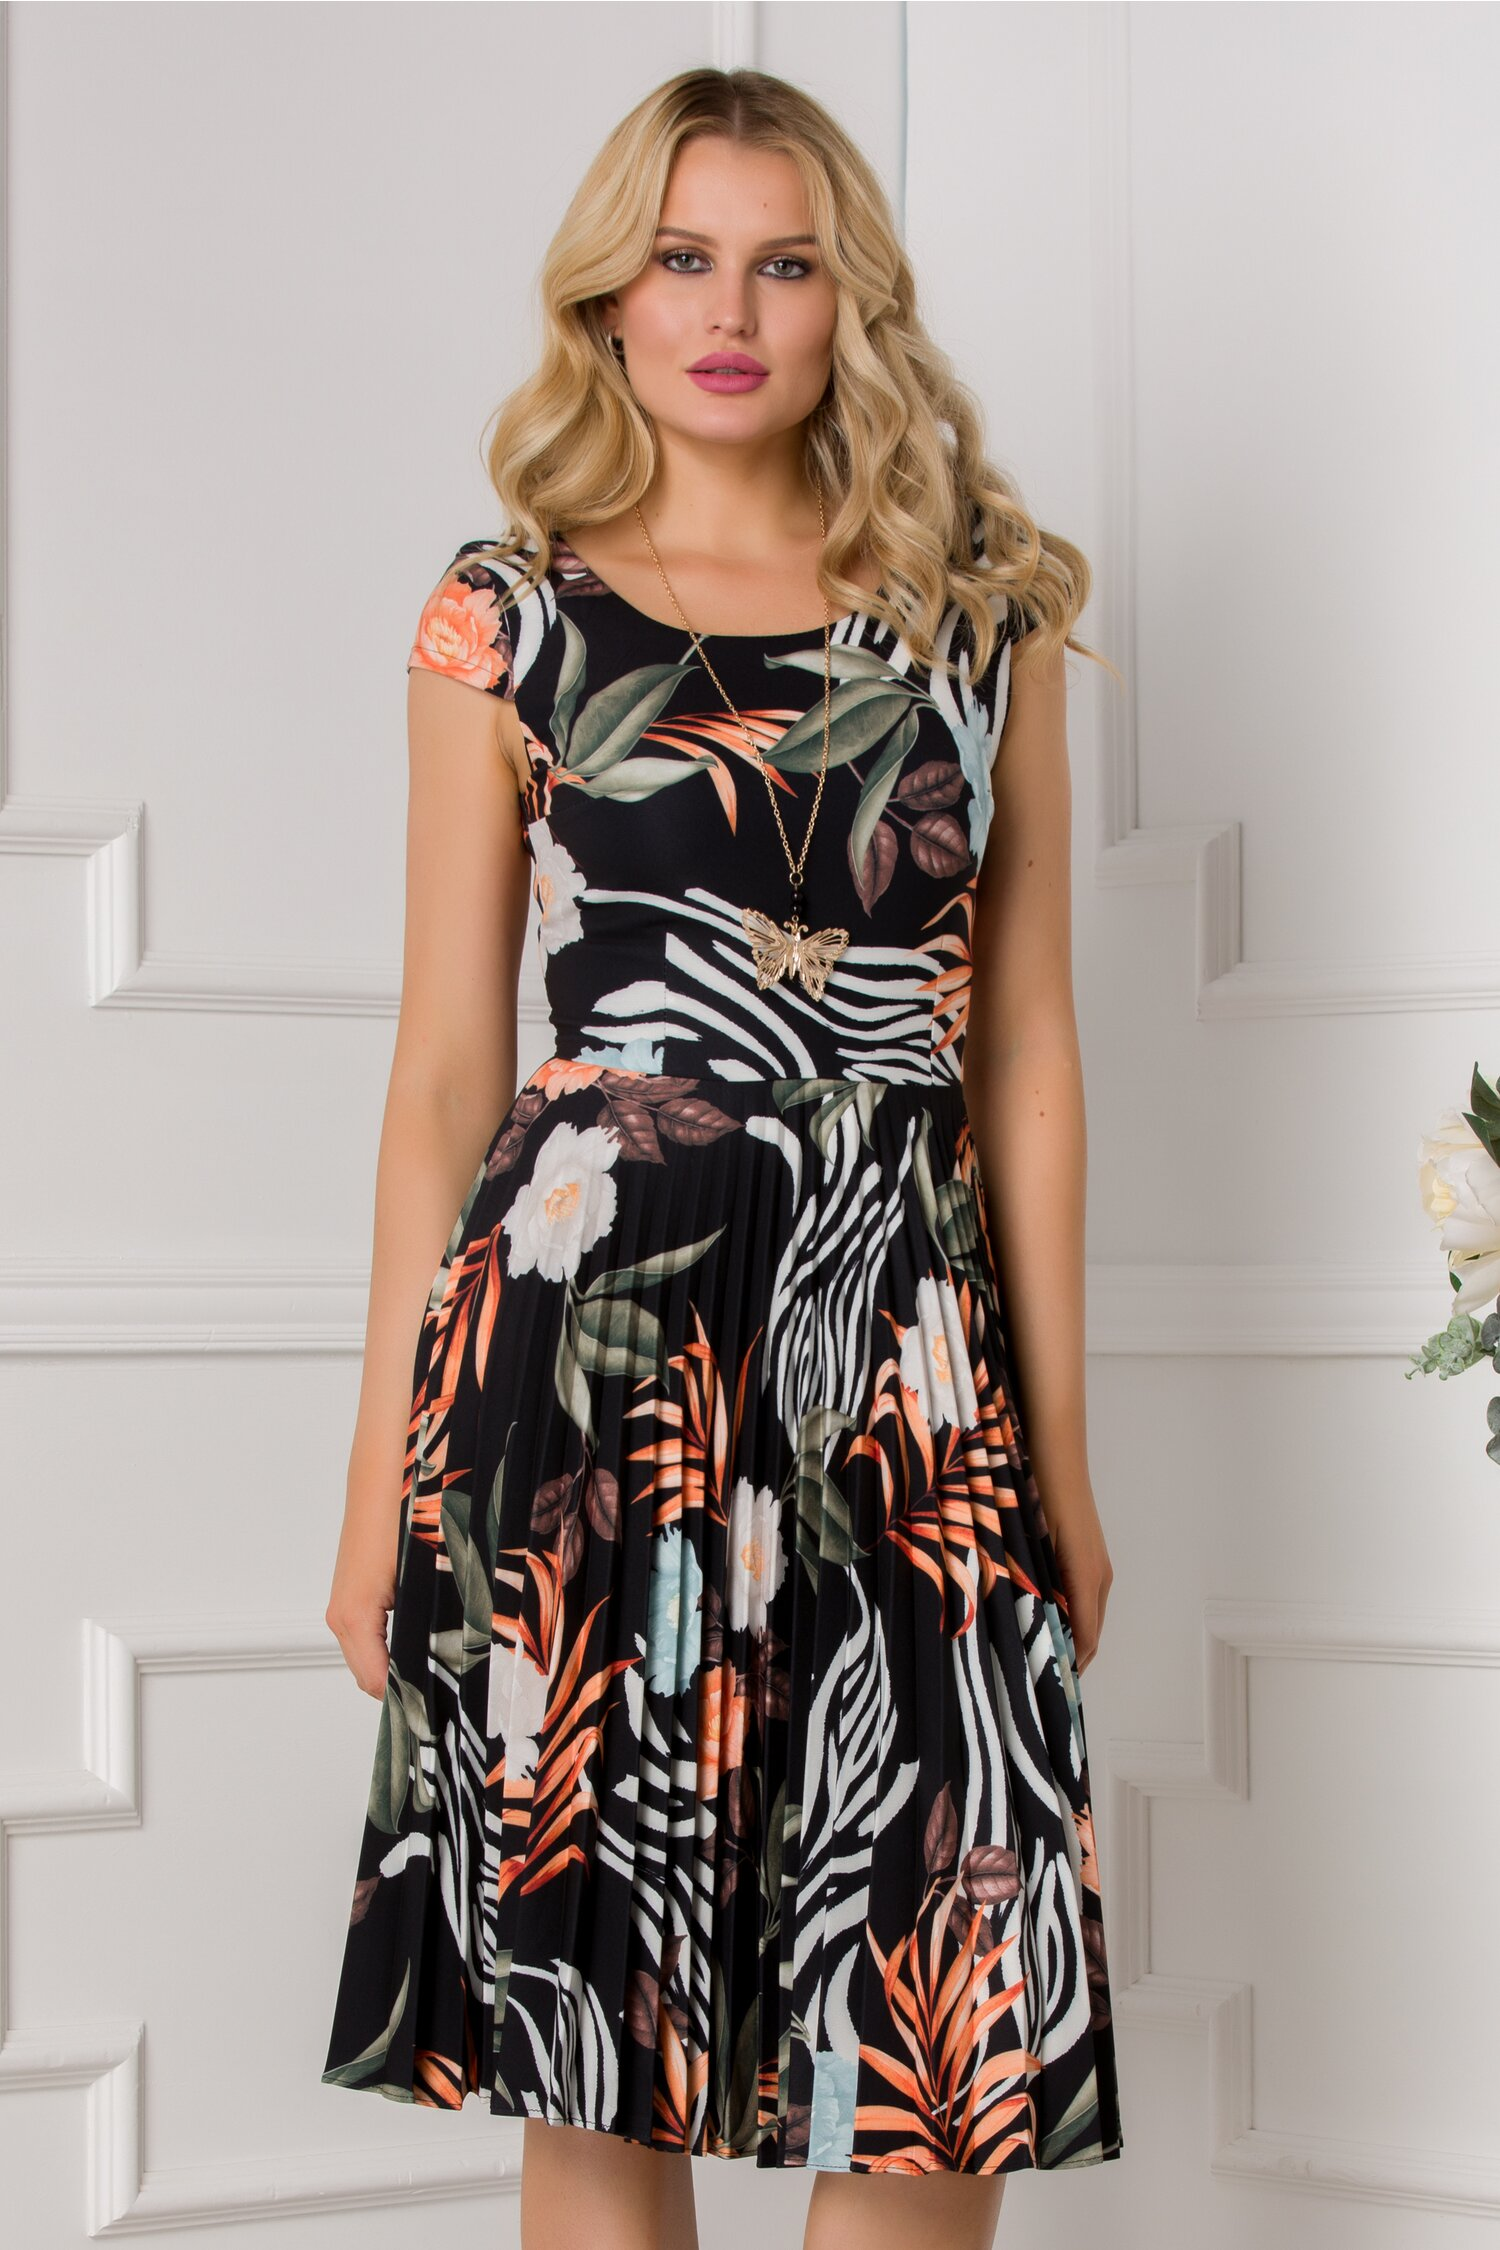 Rochie Ivonne neagra cu maneci scurte si imprimeu floral oranj